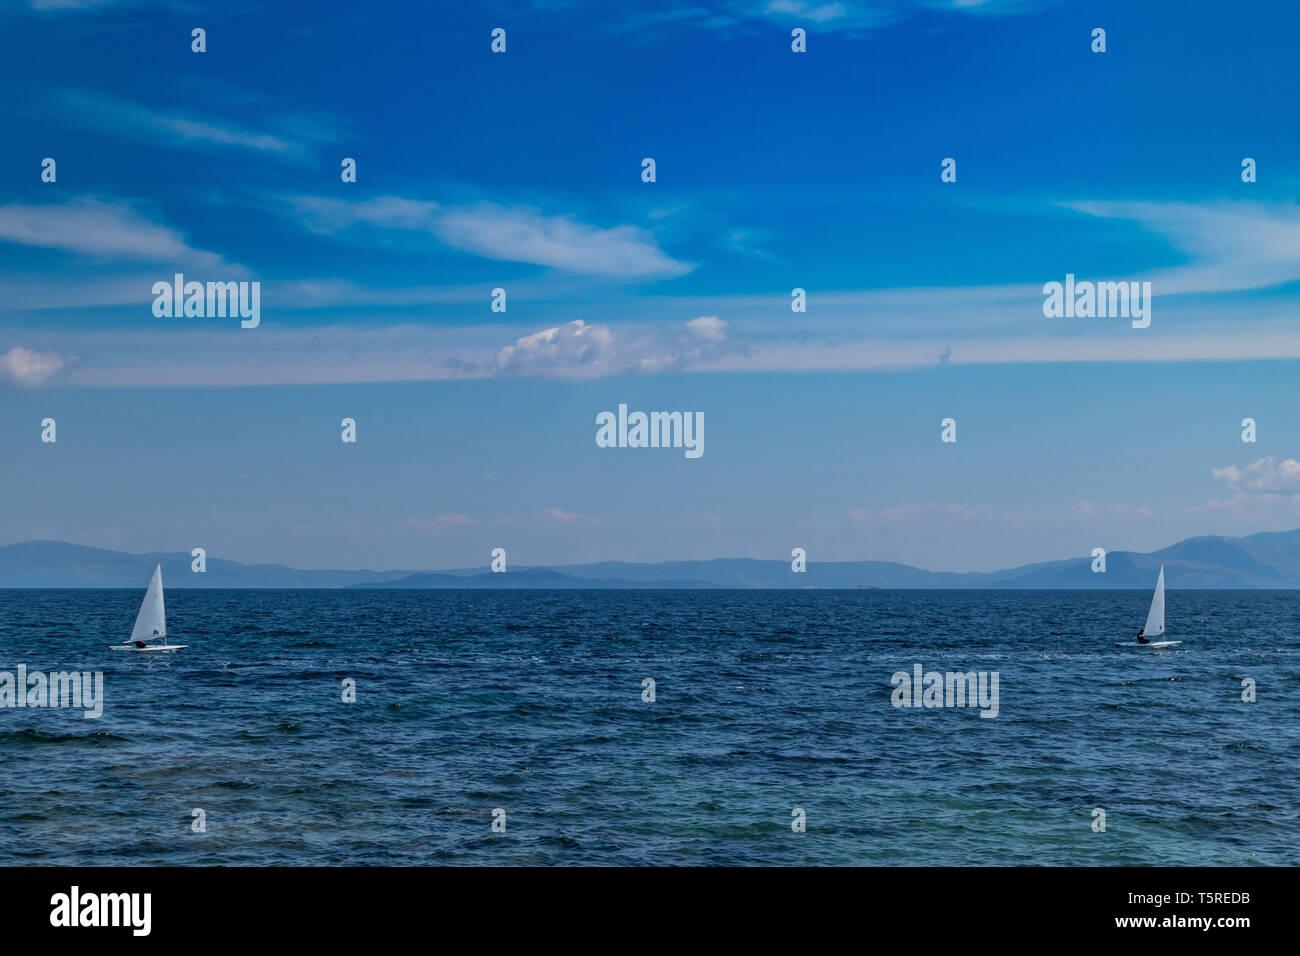 Regatta. Kleine optimist Boote mit weiße Segel, blauer Himmel und Meer, Ägäis, Griechenland Stockbild